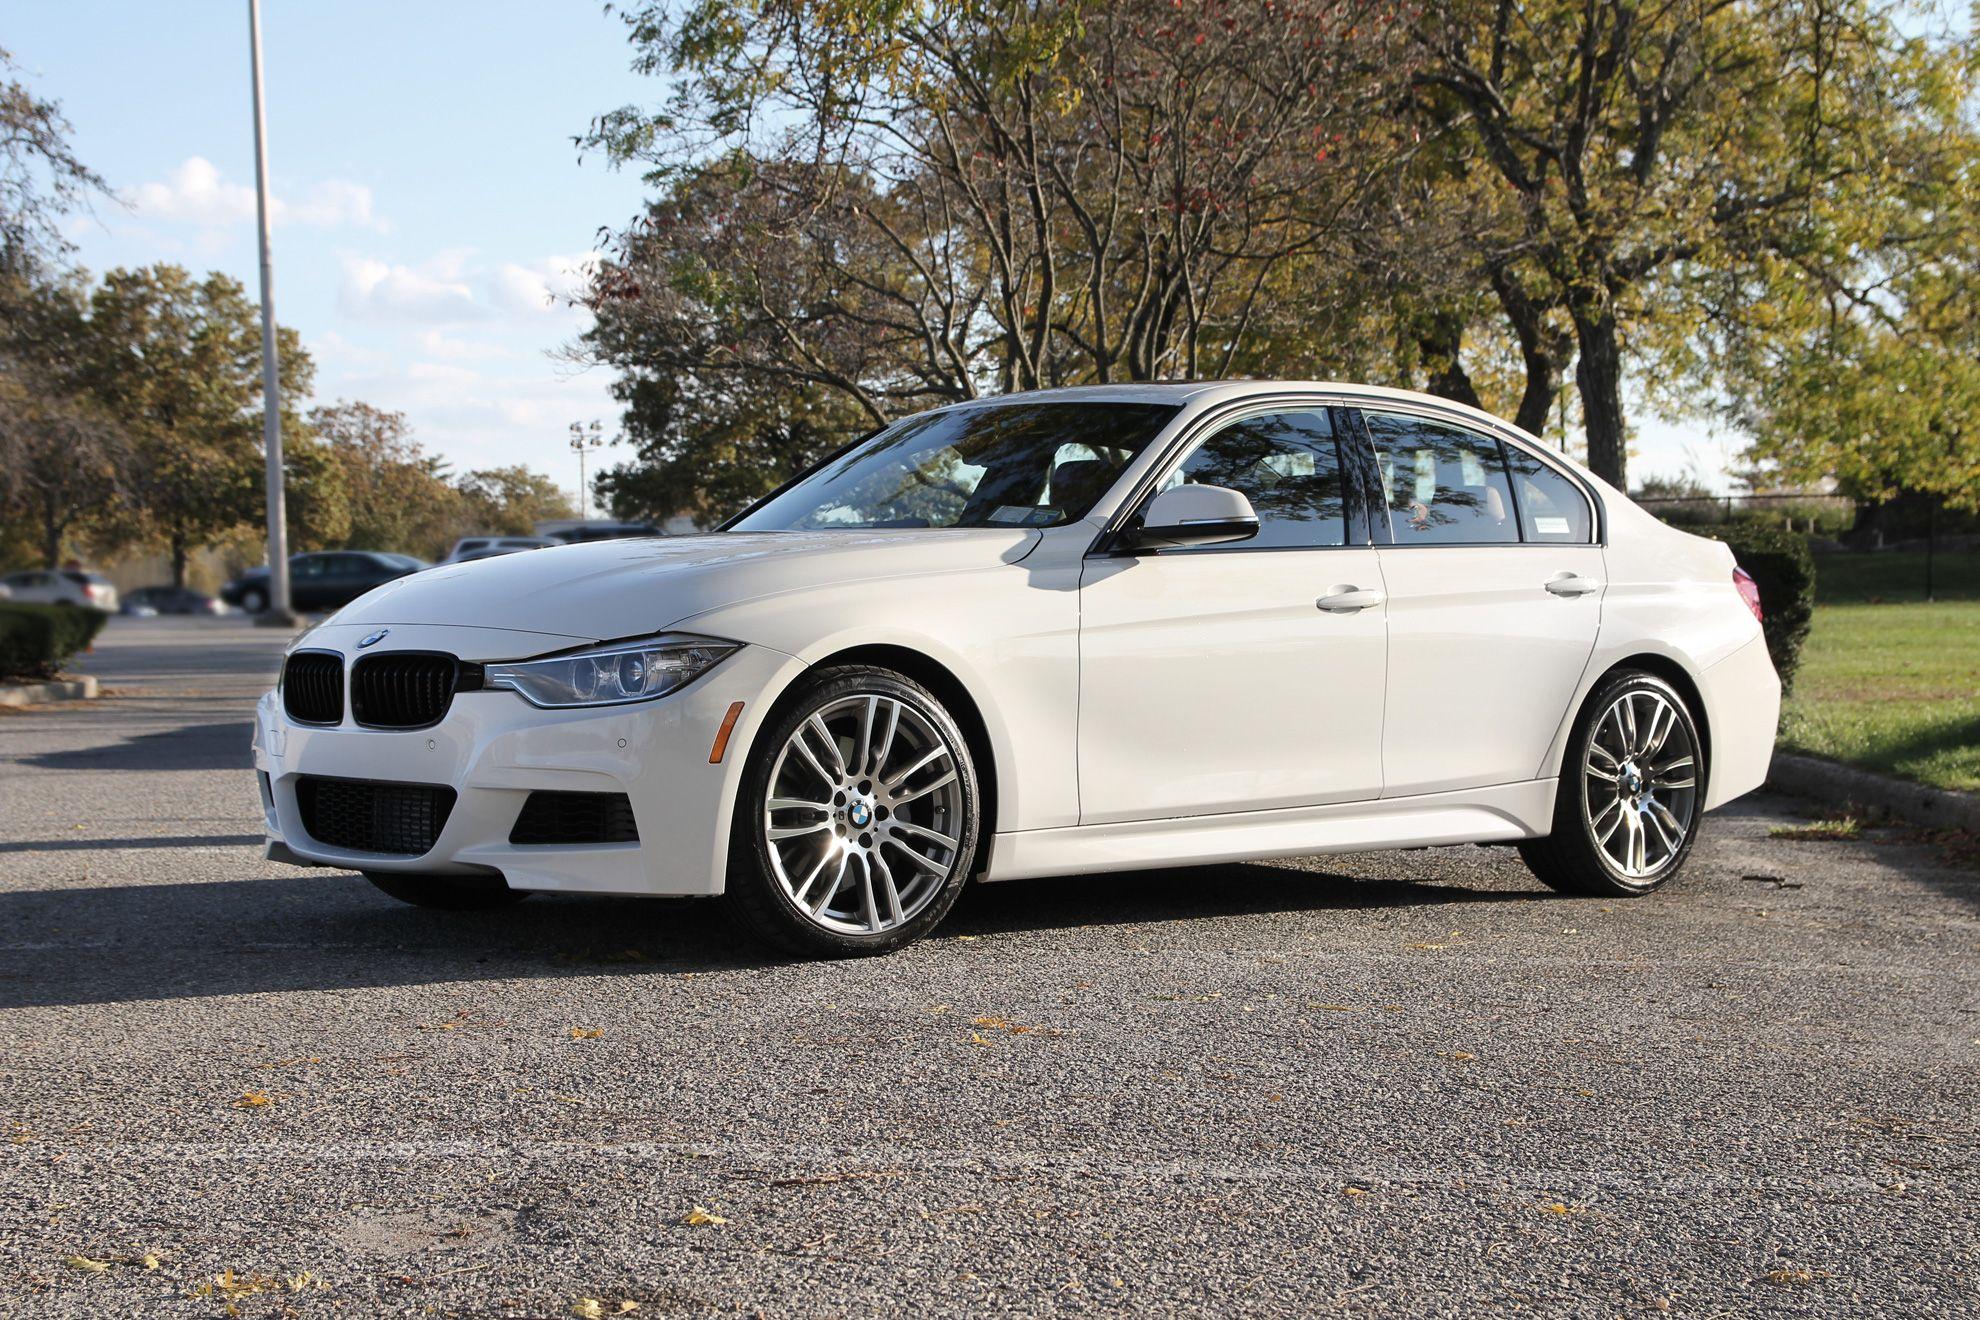 Bmw I M Sport Wish List Kind Of Pinterest BMW - 2012 bmw 335xi for sale